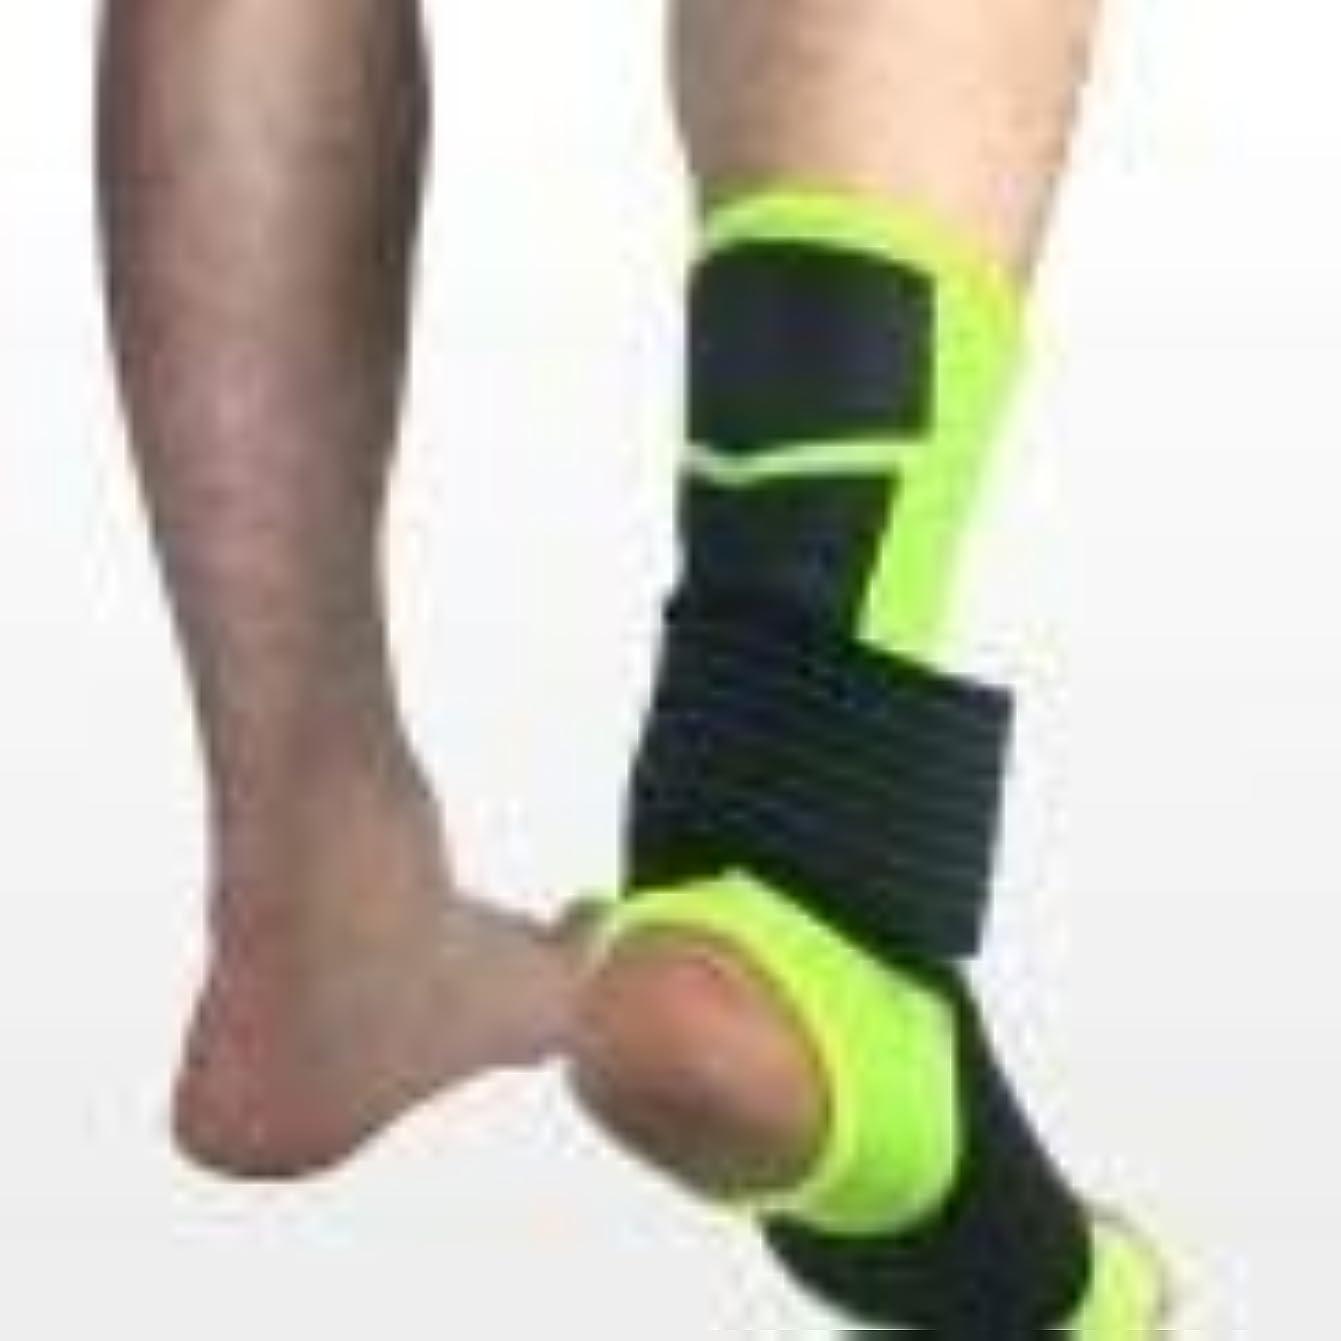 許容できる家事をする商標スポーツ足首装具圧縮サポートスリーブw/無料足首ストラップアキレス腱サポート、靭帯損傷の足首サポート (Color : B, Size : S)